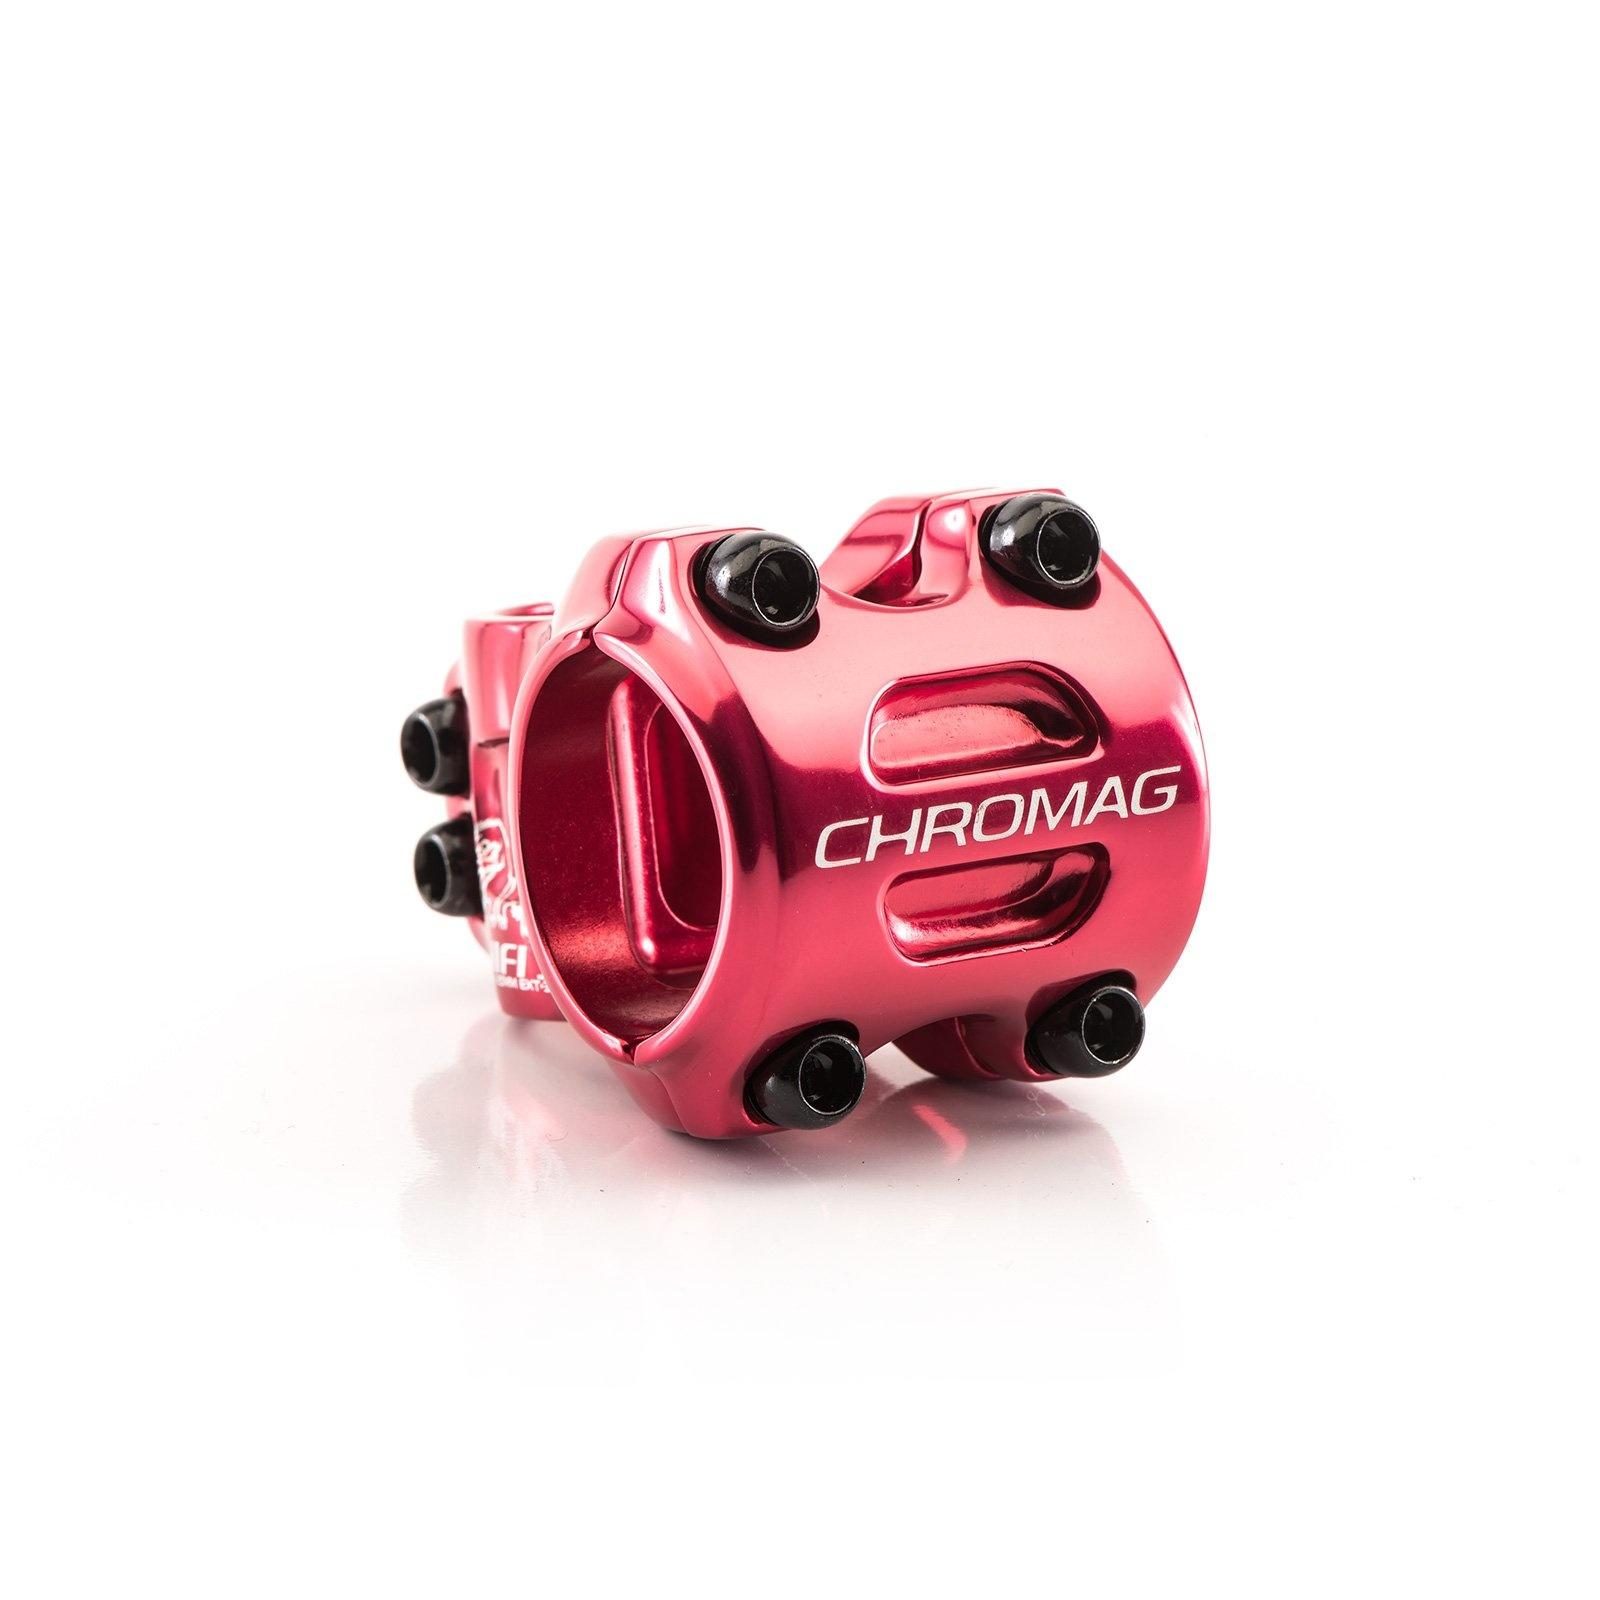 Chromag HIFI Stem 35mm Length / 35 Diameter-3